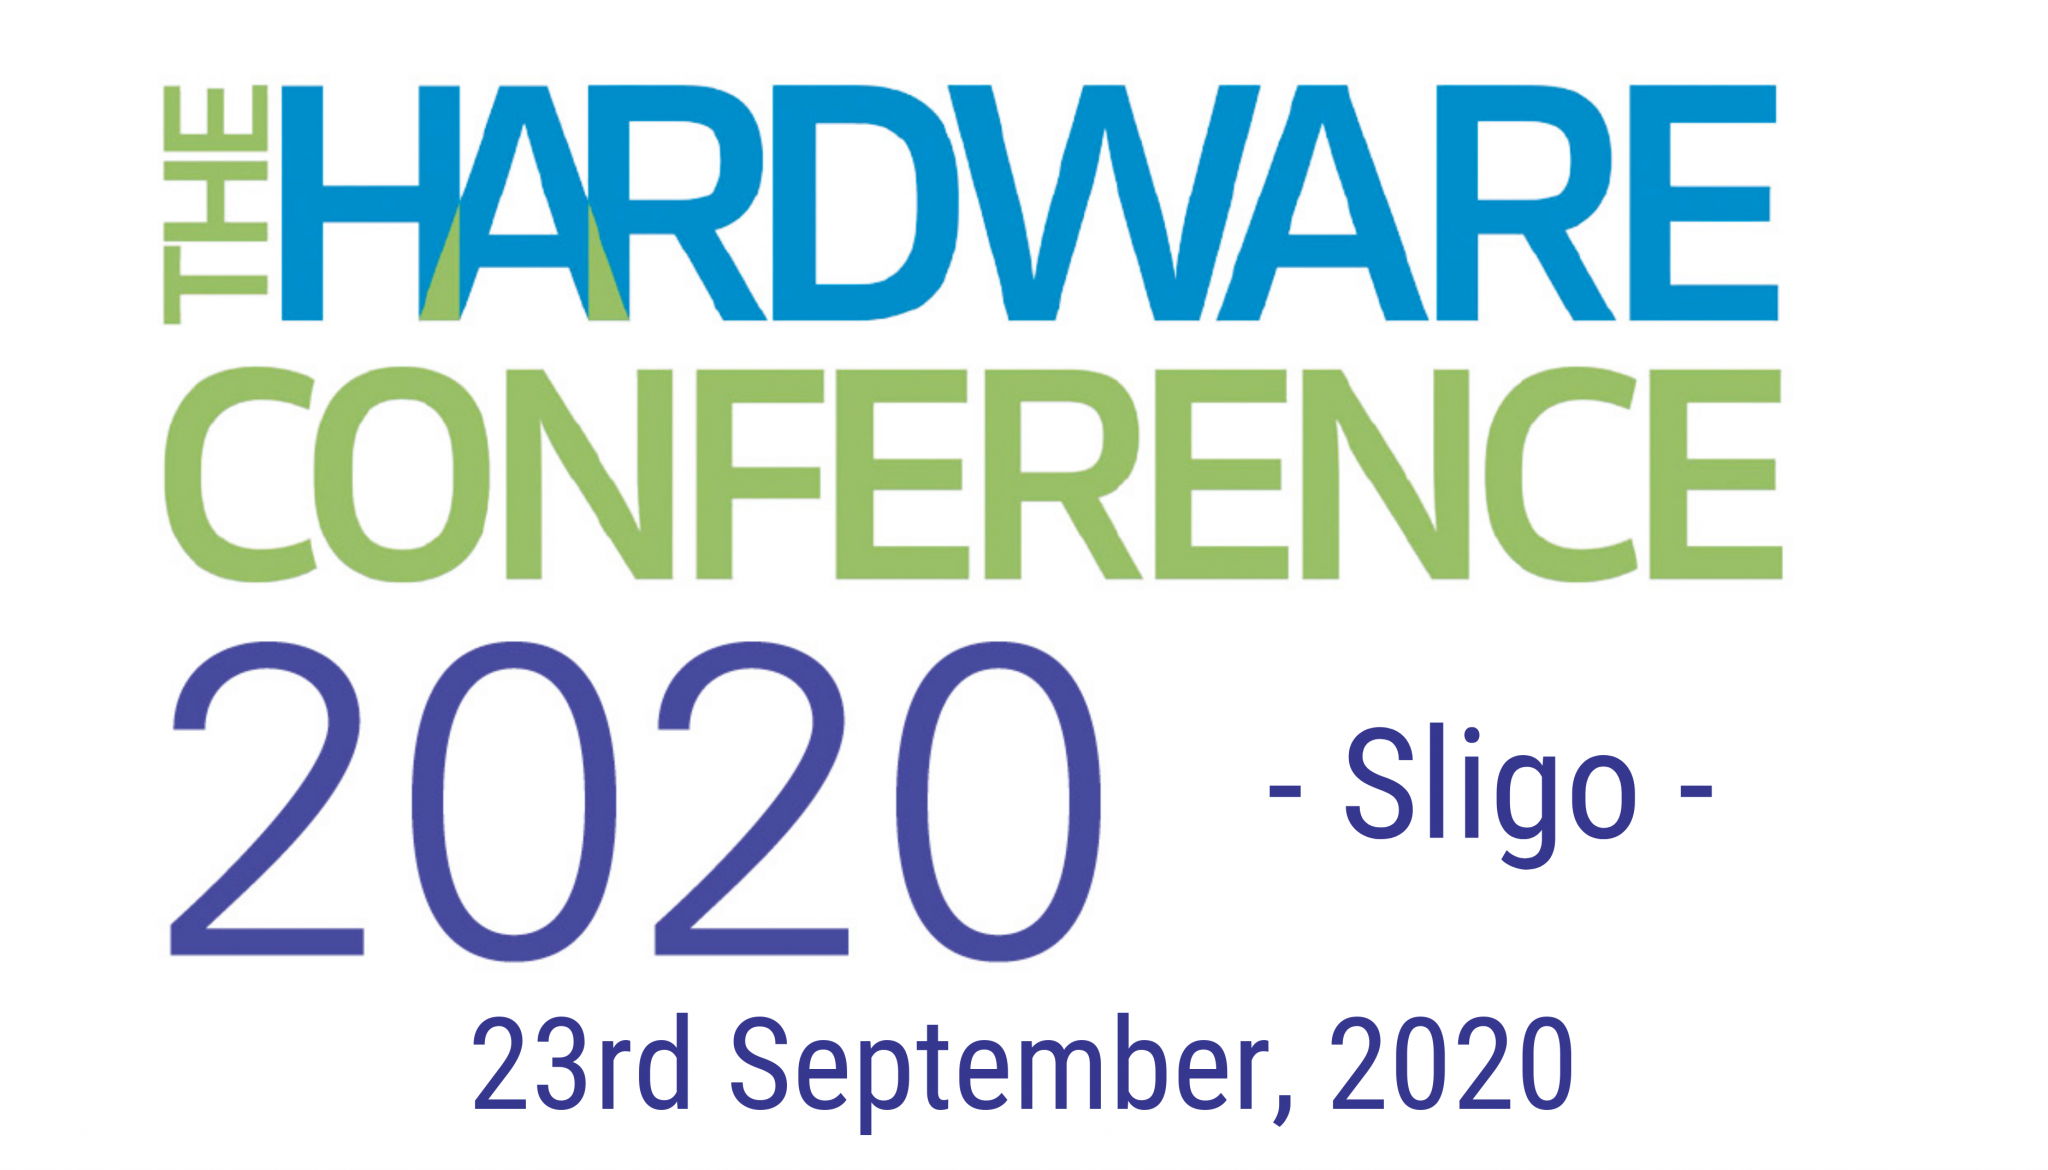 Conference Sligo